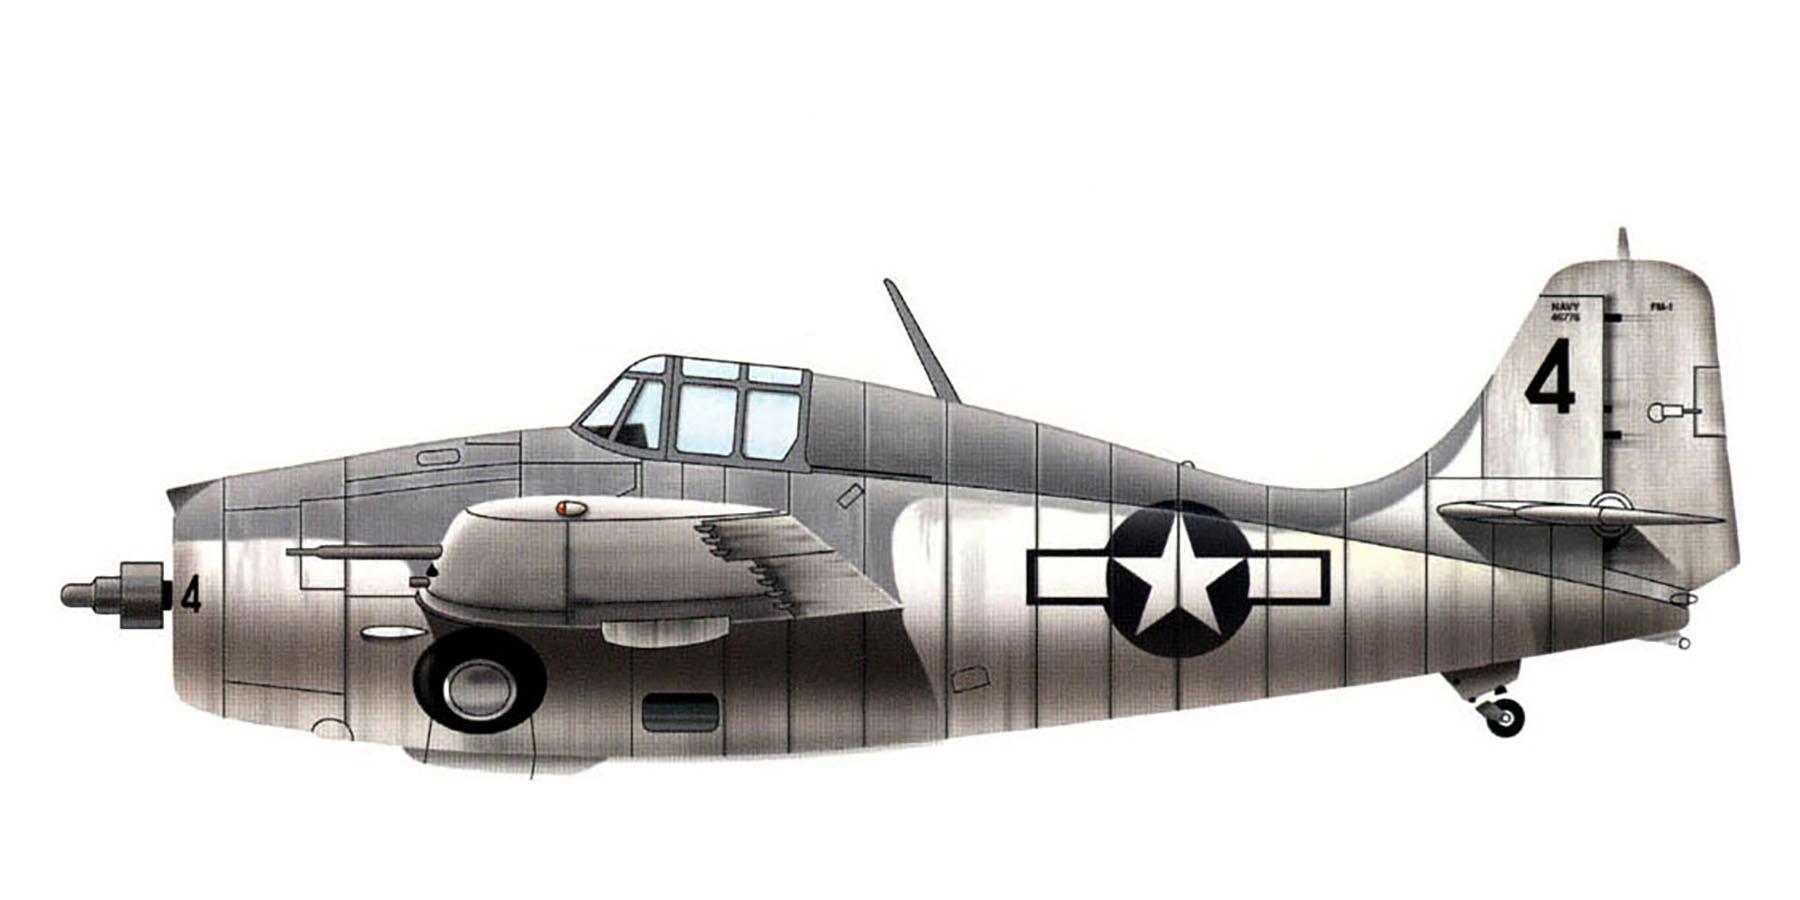 FM 1 Wildcat VC 8 Black 4 Norman Hodson CVE 60 USS Guadalcanal off Senegal 4th Jun 1944 0B